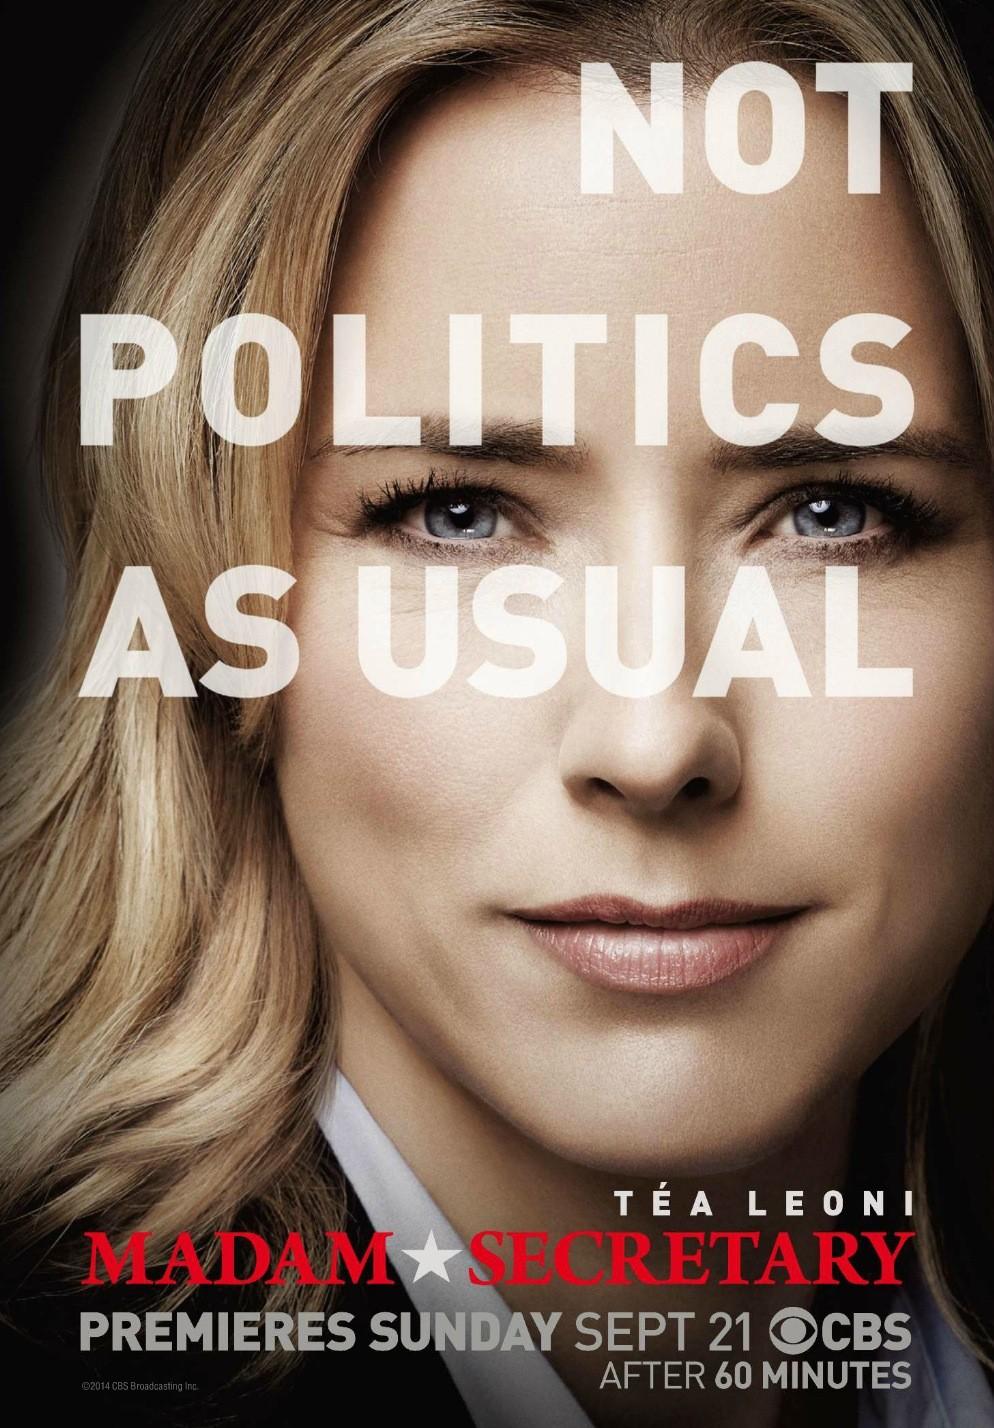 Resultado de imagem para Madam Secretary season 4 posters